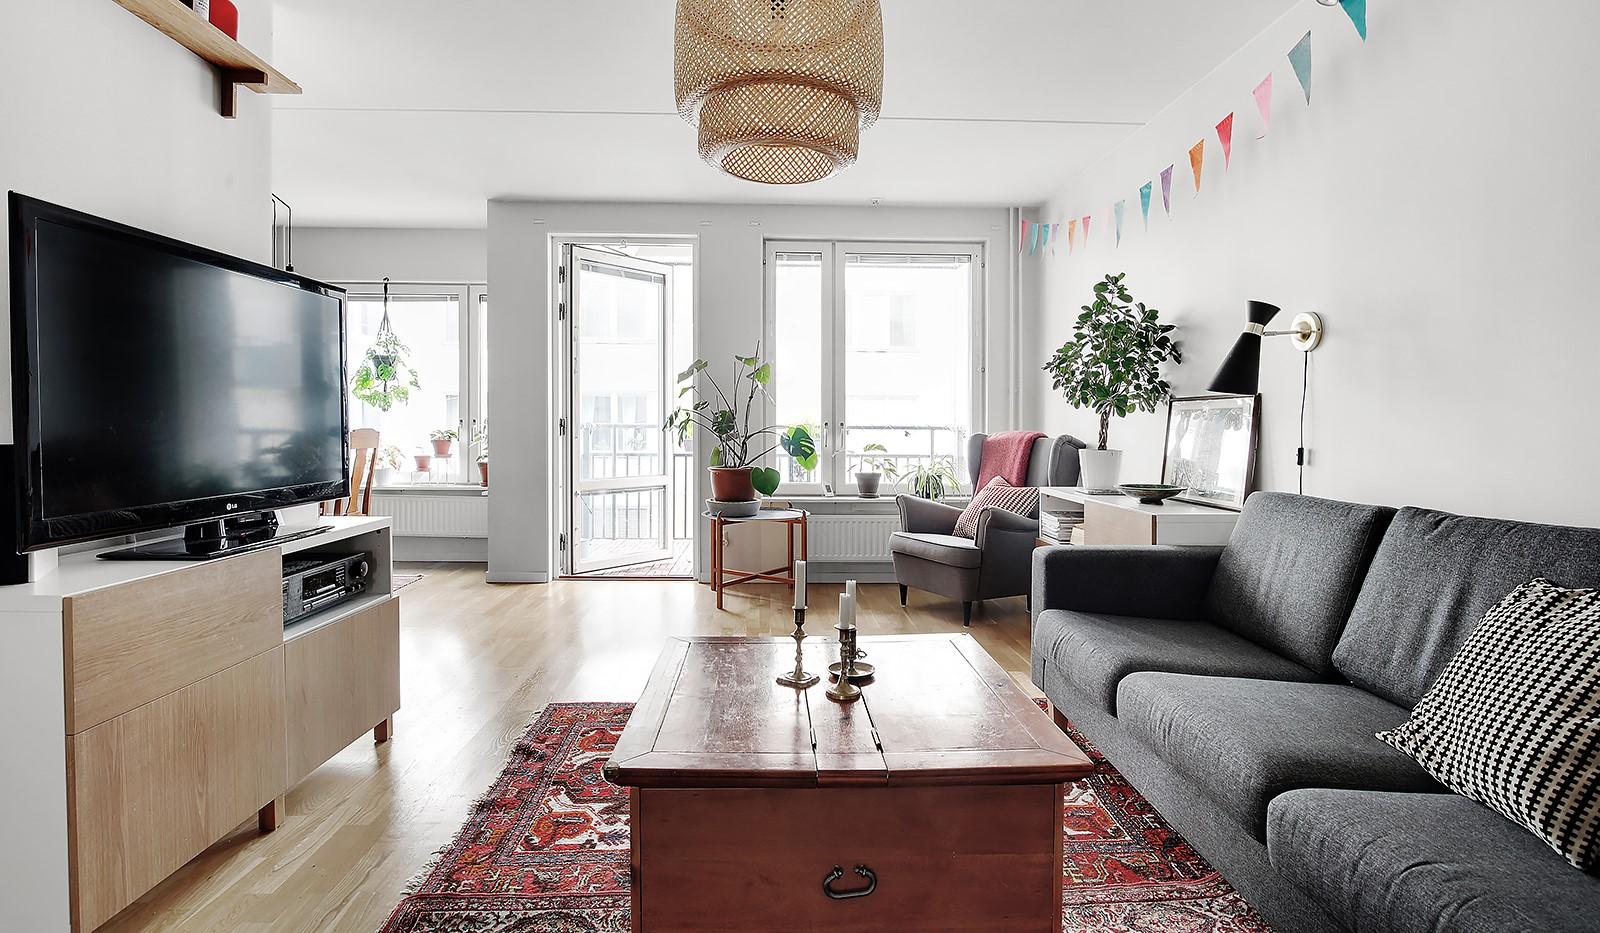 Vingårdsgatan 5, 3 tr - Stort och lättmöblerat vardagsrum med delvis öppen planlösning mot köket